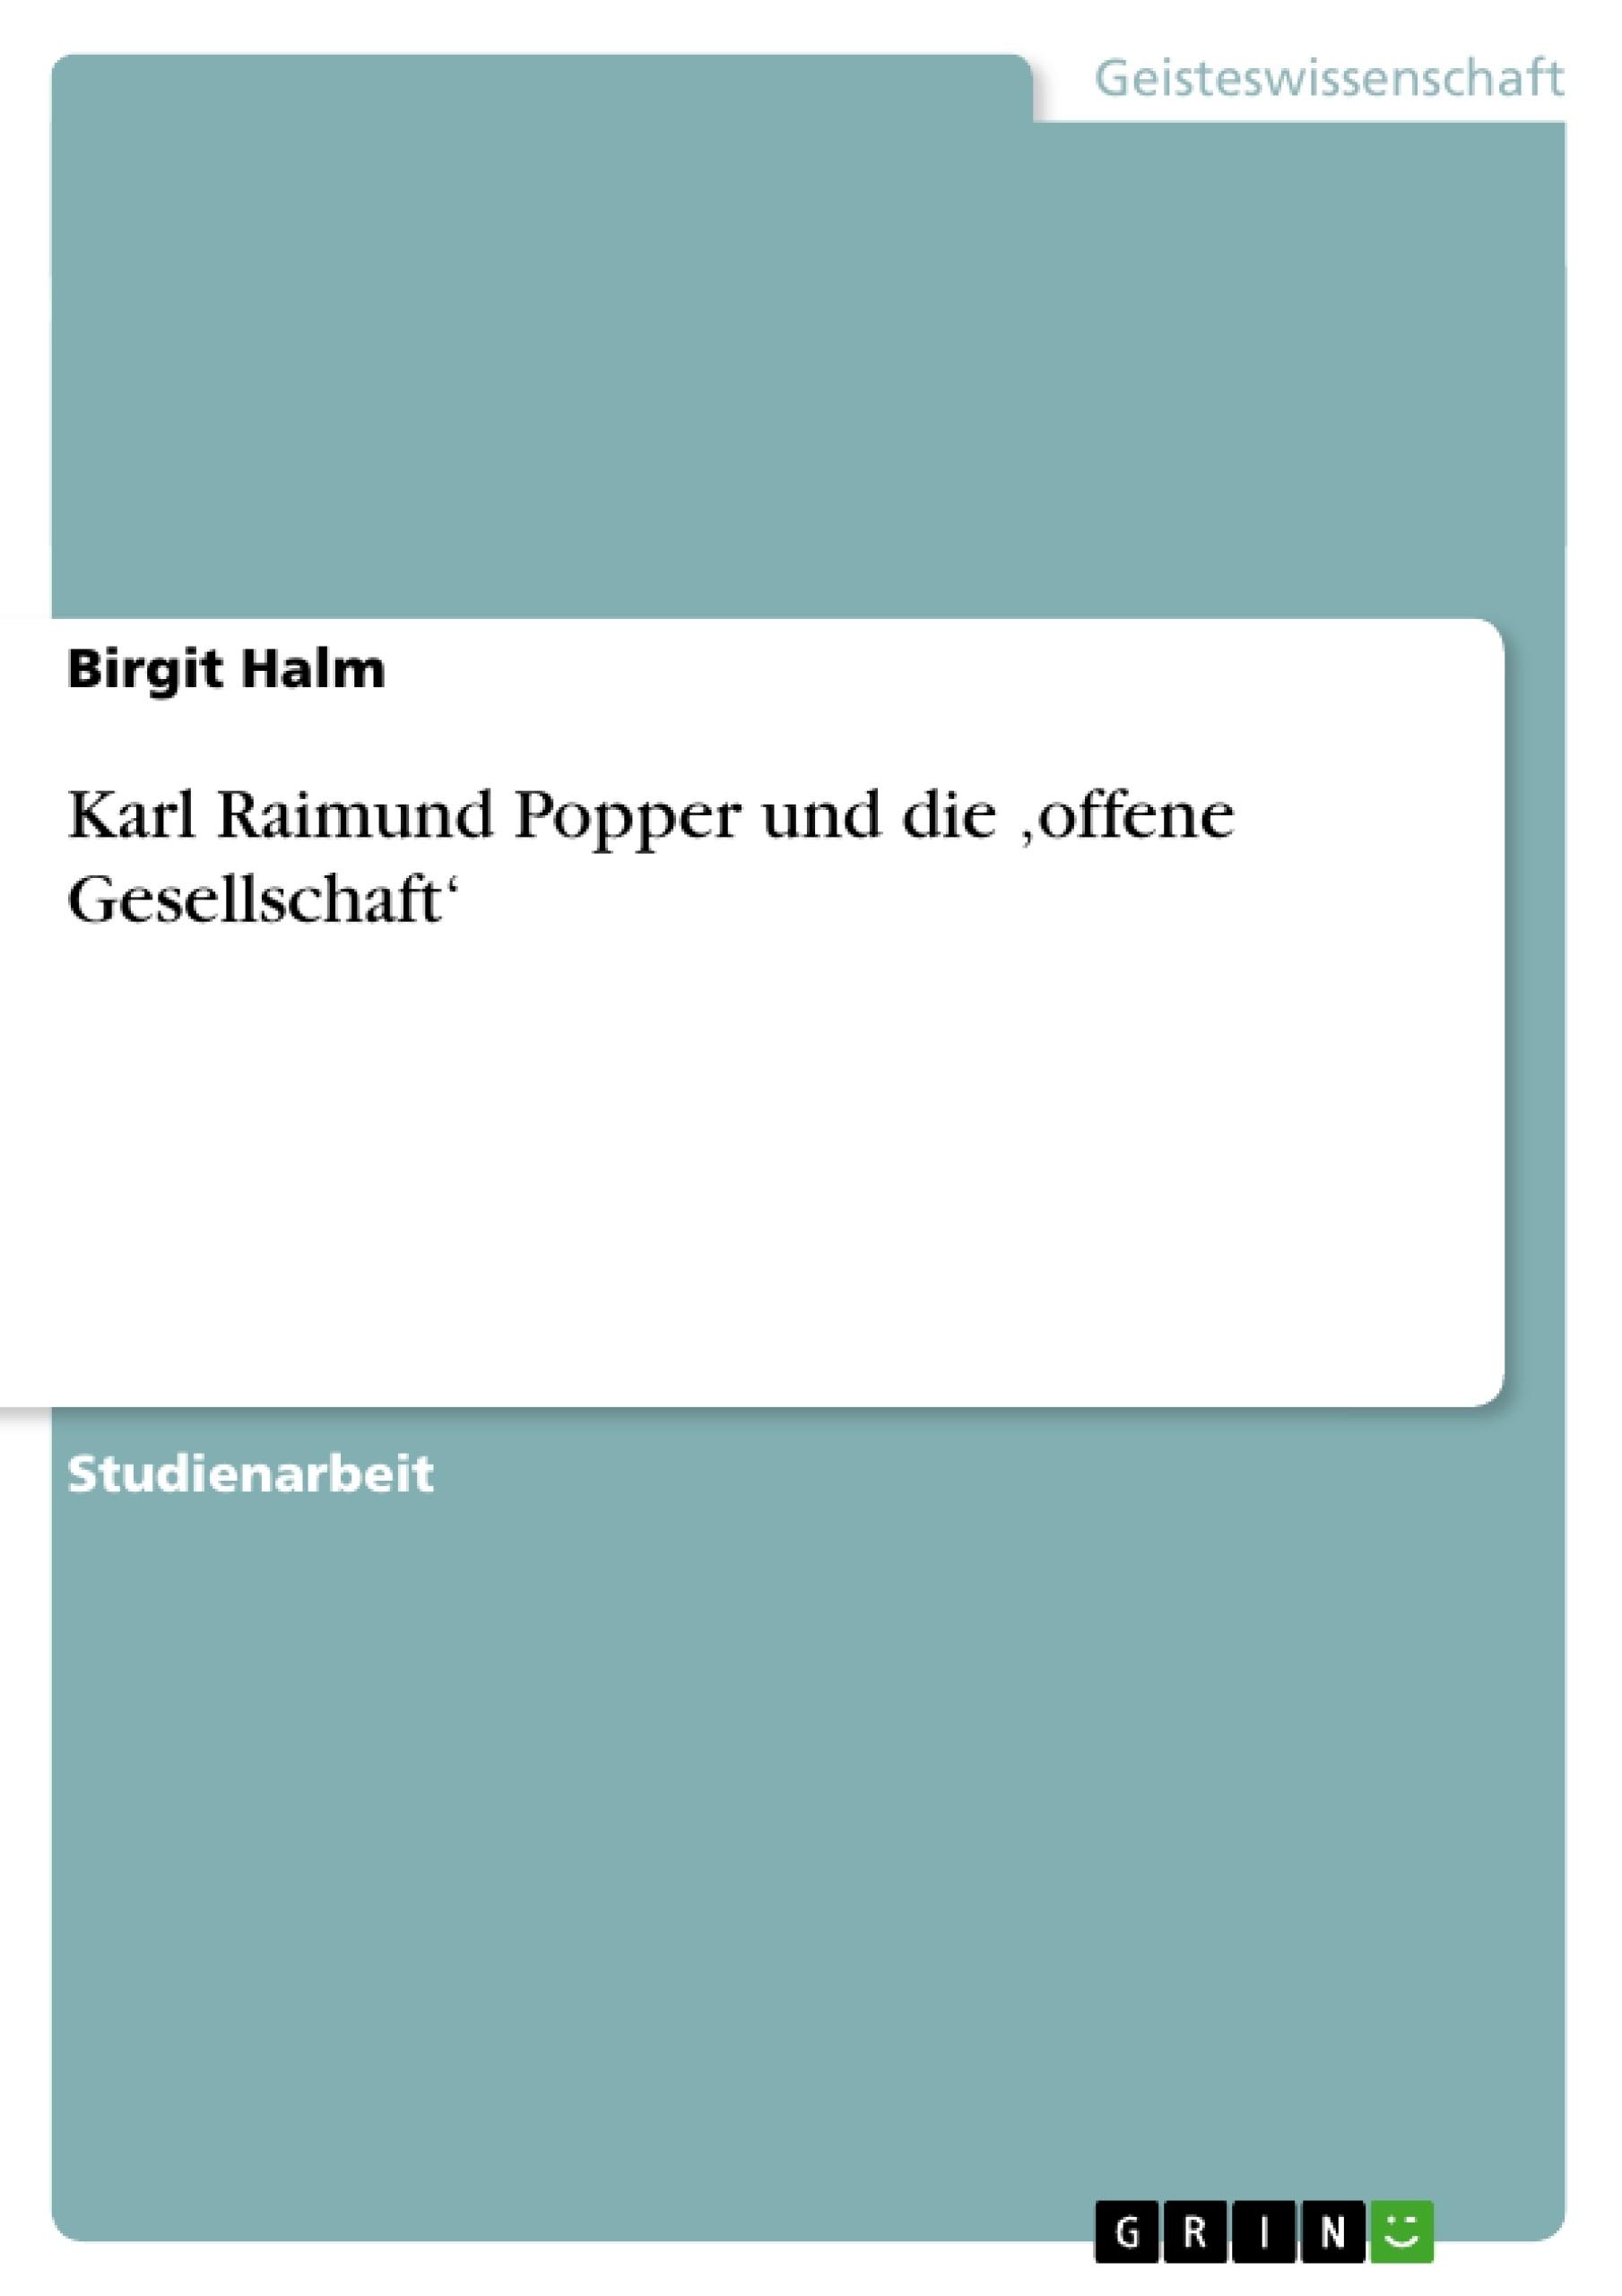 Titel: Karl Raimund Popper und die 'offene Gesellschaft'